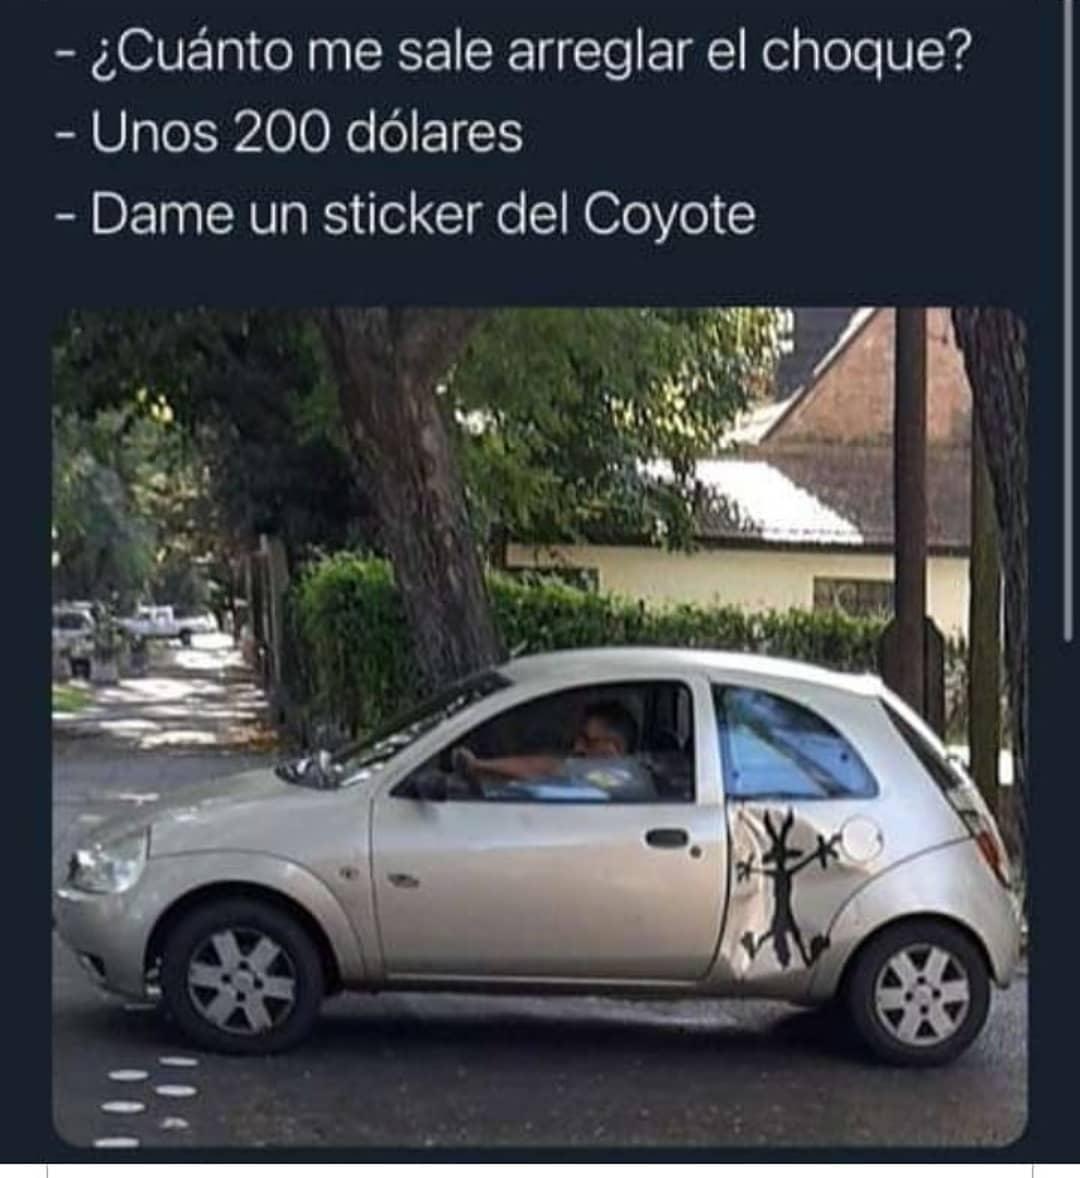 ¿Cuánto me sale arreglar el choque?  Unos 200 dólares.  Dame un sticker del Coyote.